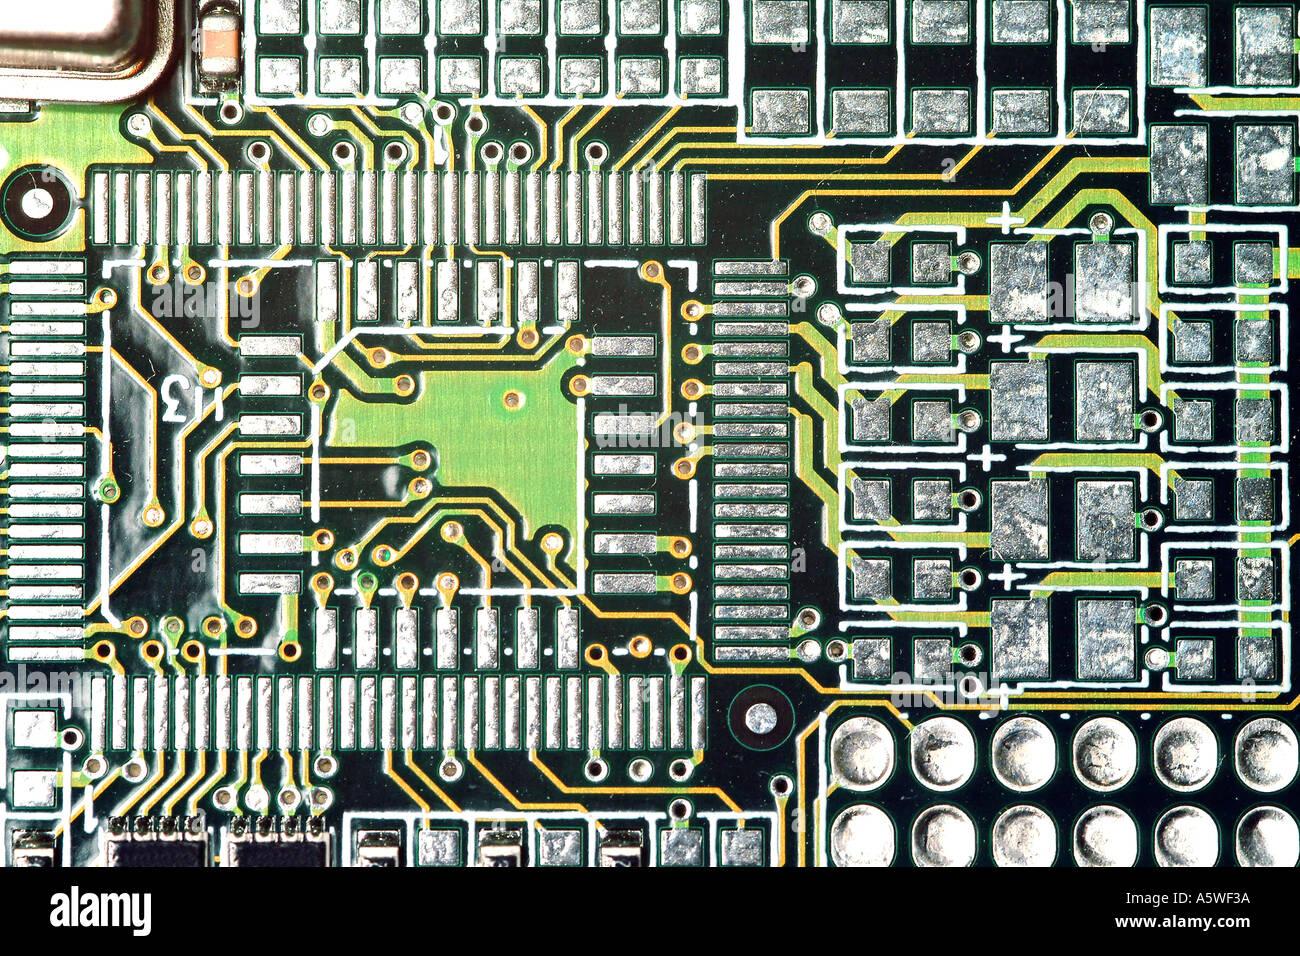 Eine Nahaufnahme der elektrischen Schaltung auf einer Computer-Grafikkarte. Stockbild